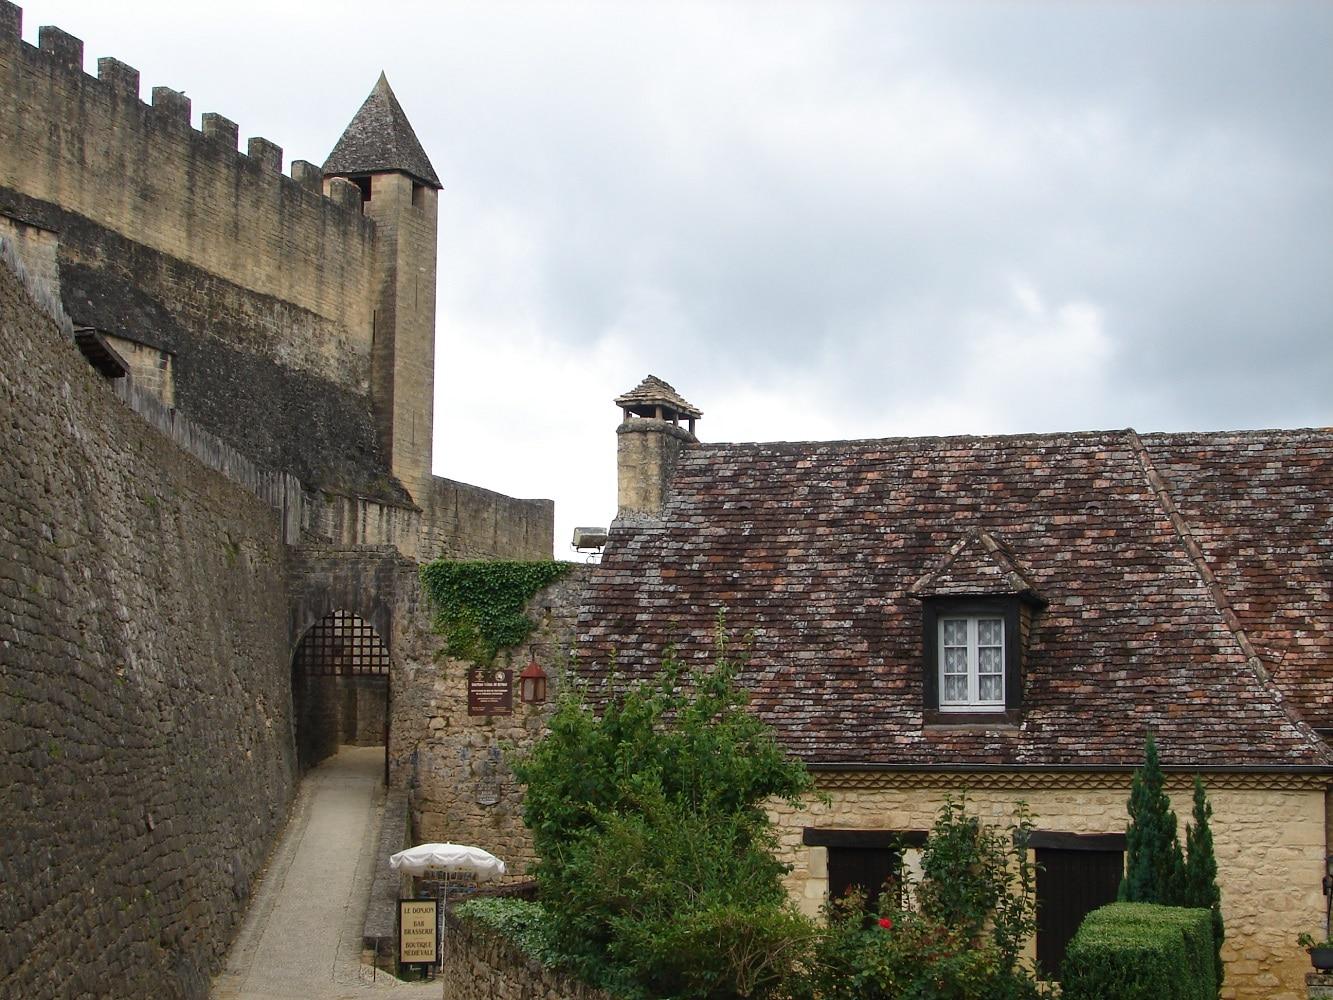 Visiter Beynac-et-Cazenac, plus beau village de France en Dordogne